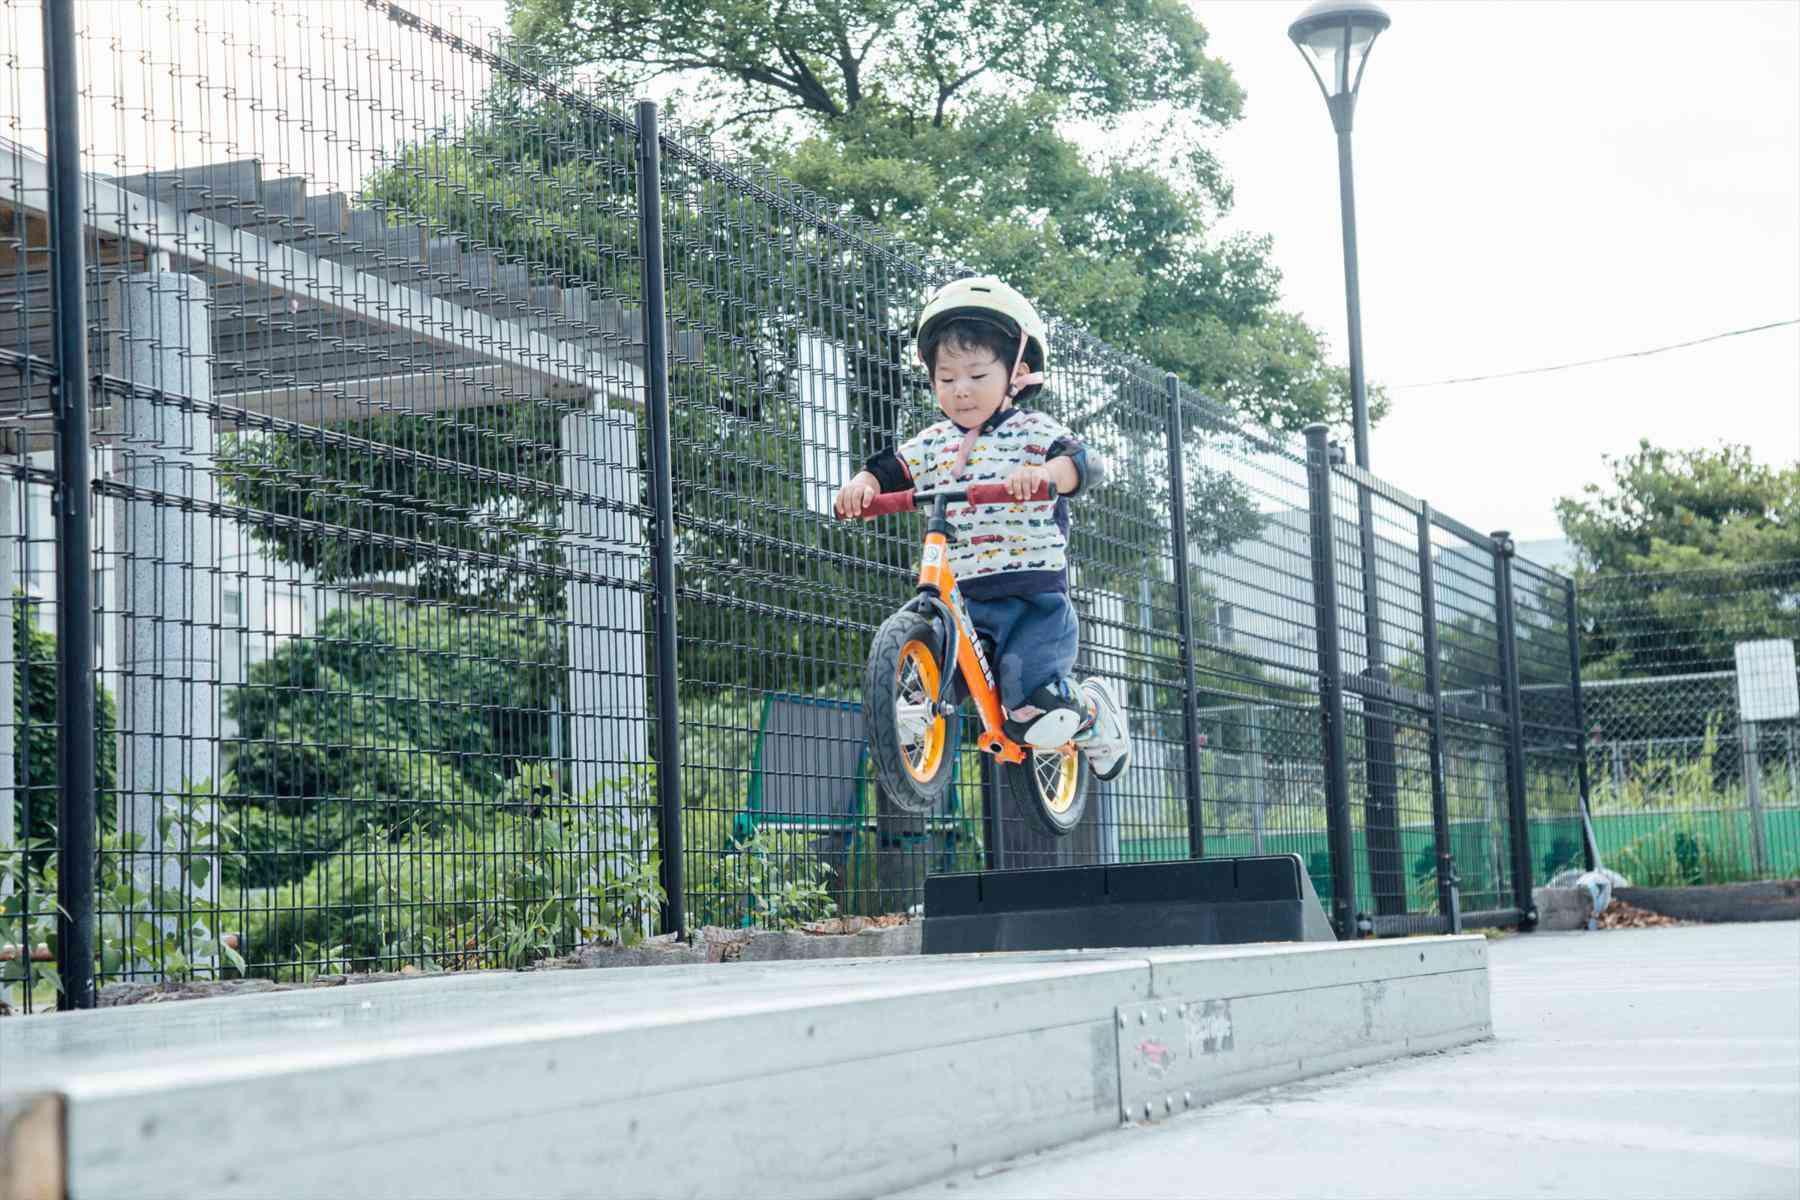 1歳半でストライダーに乗り始め、2歳でトリックをメイクする!